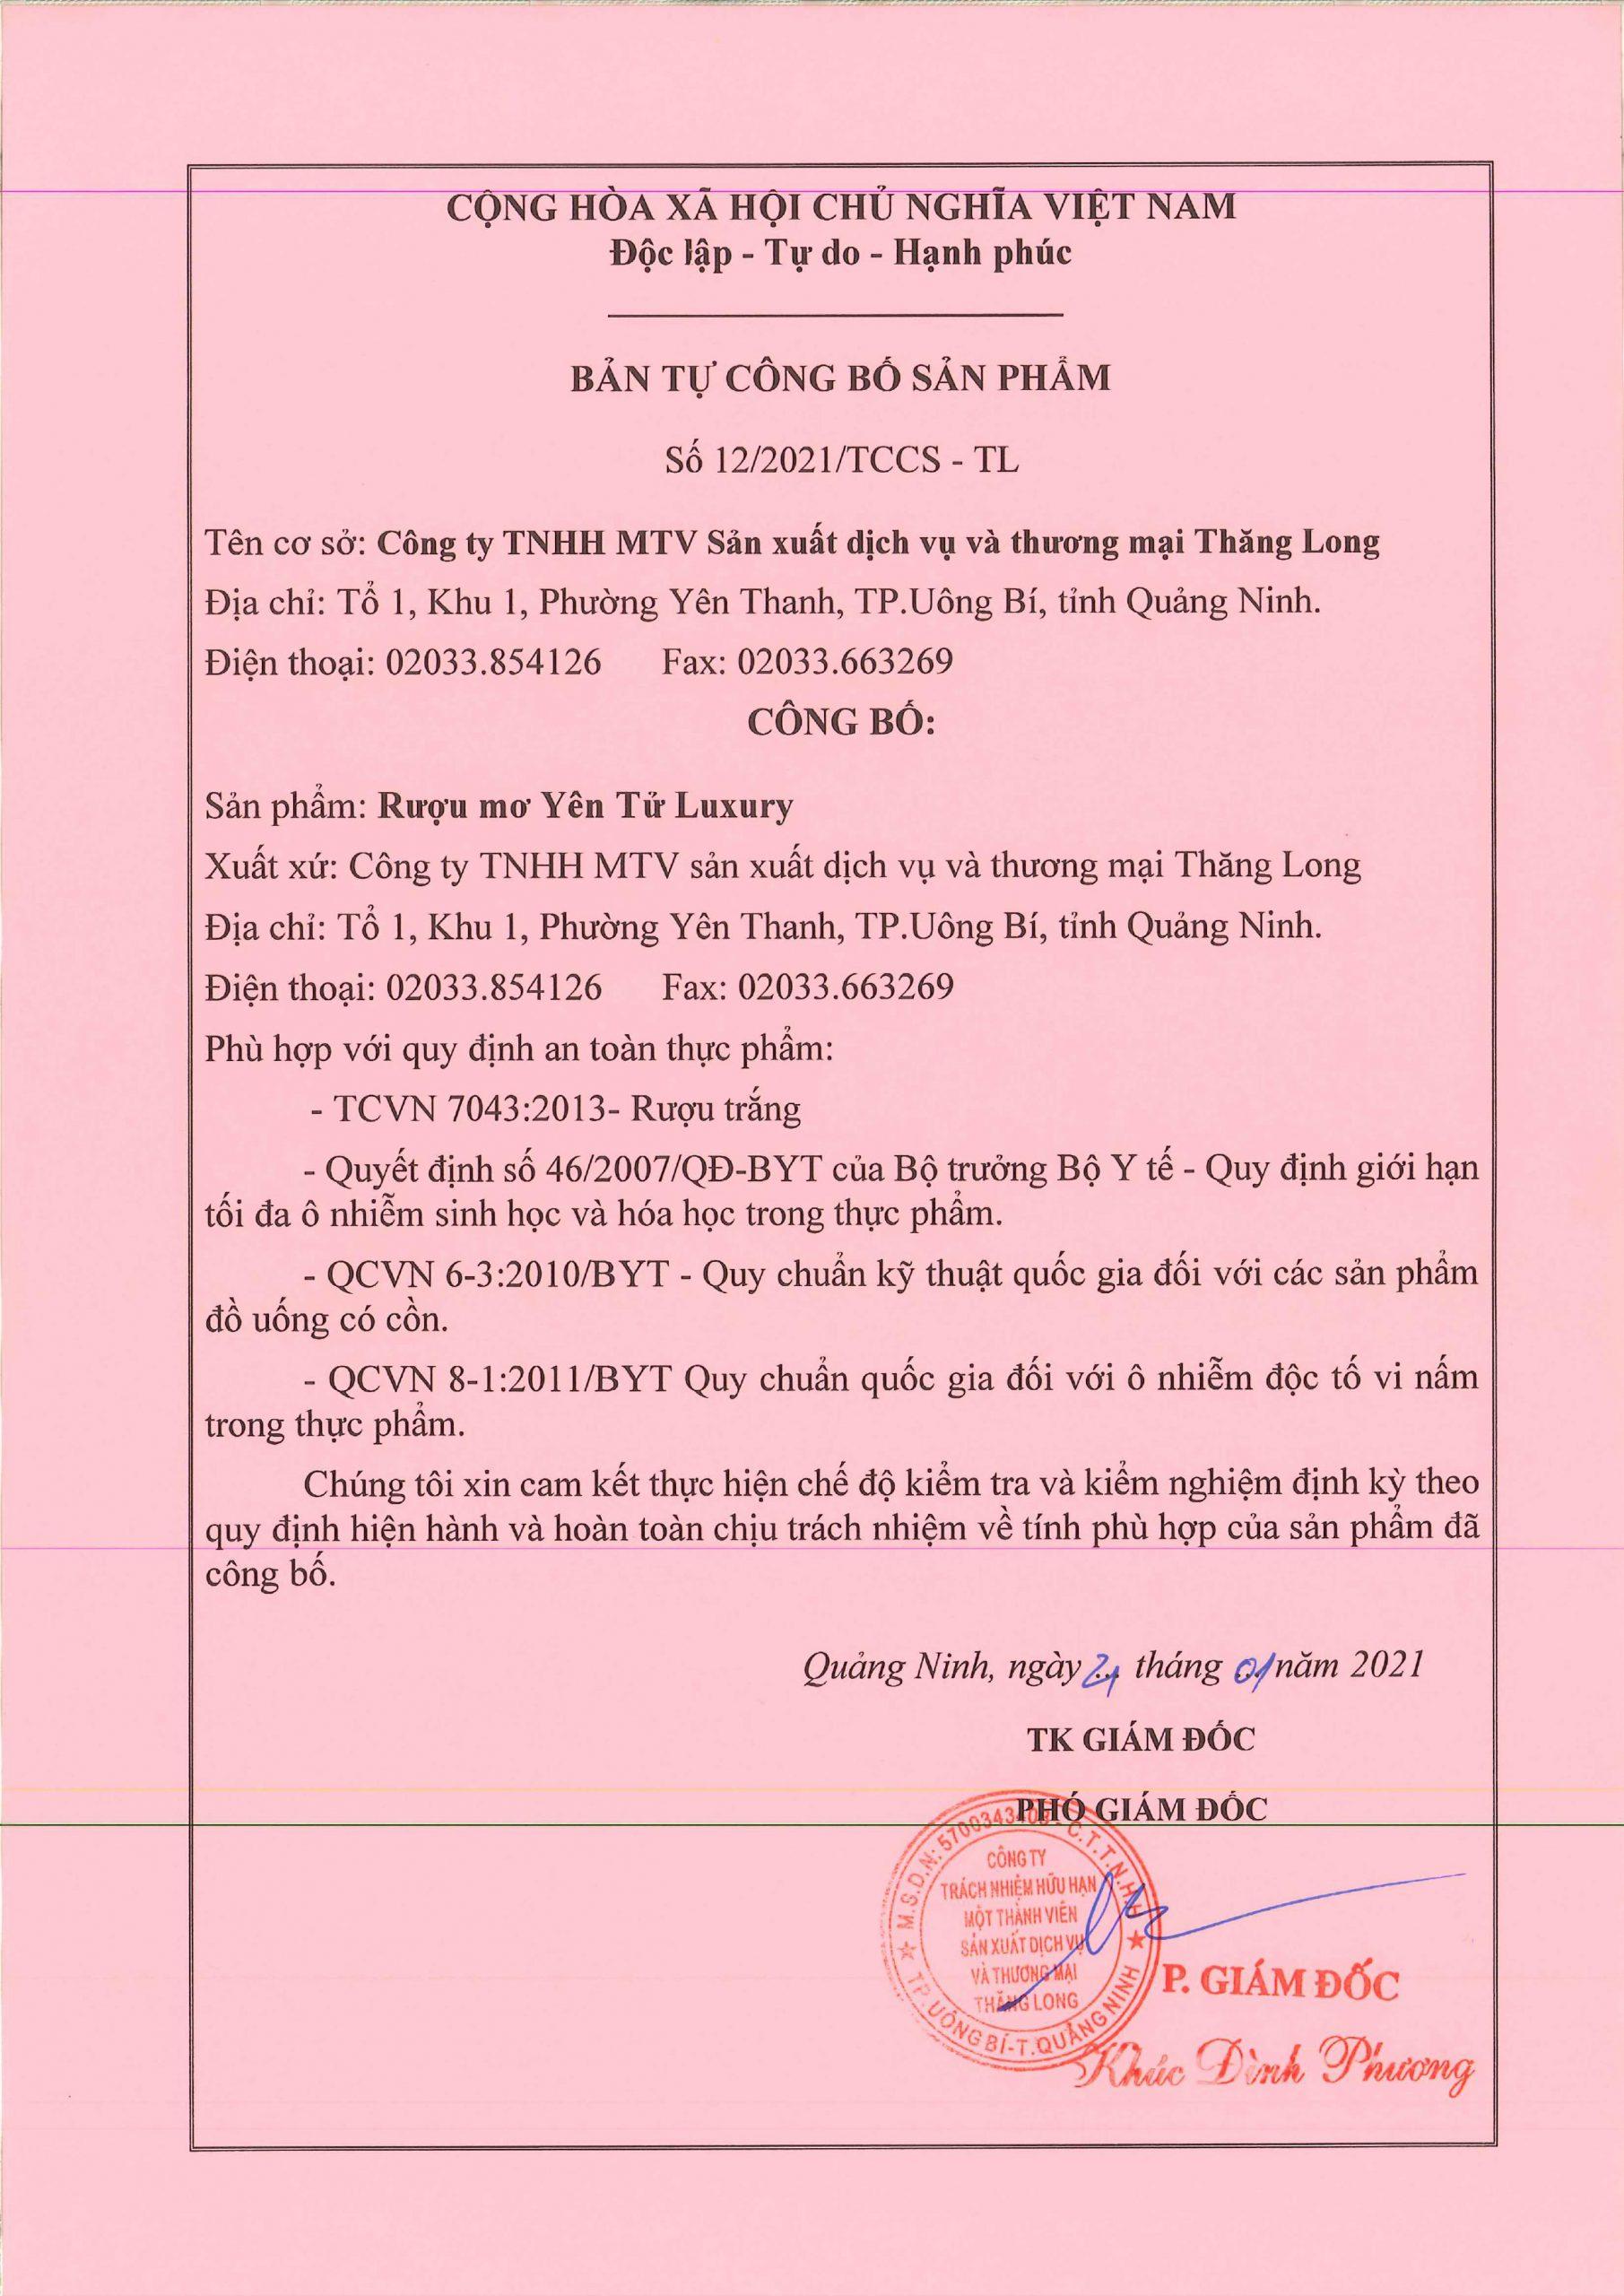 Bản công bố chất lượng Rượu mơ Yên Tử Luxury